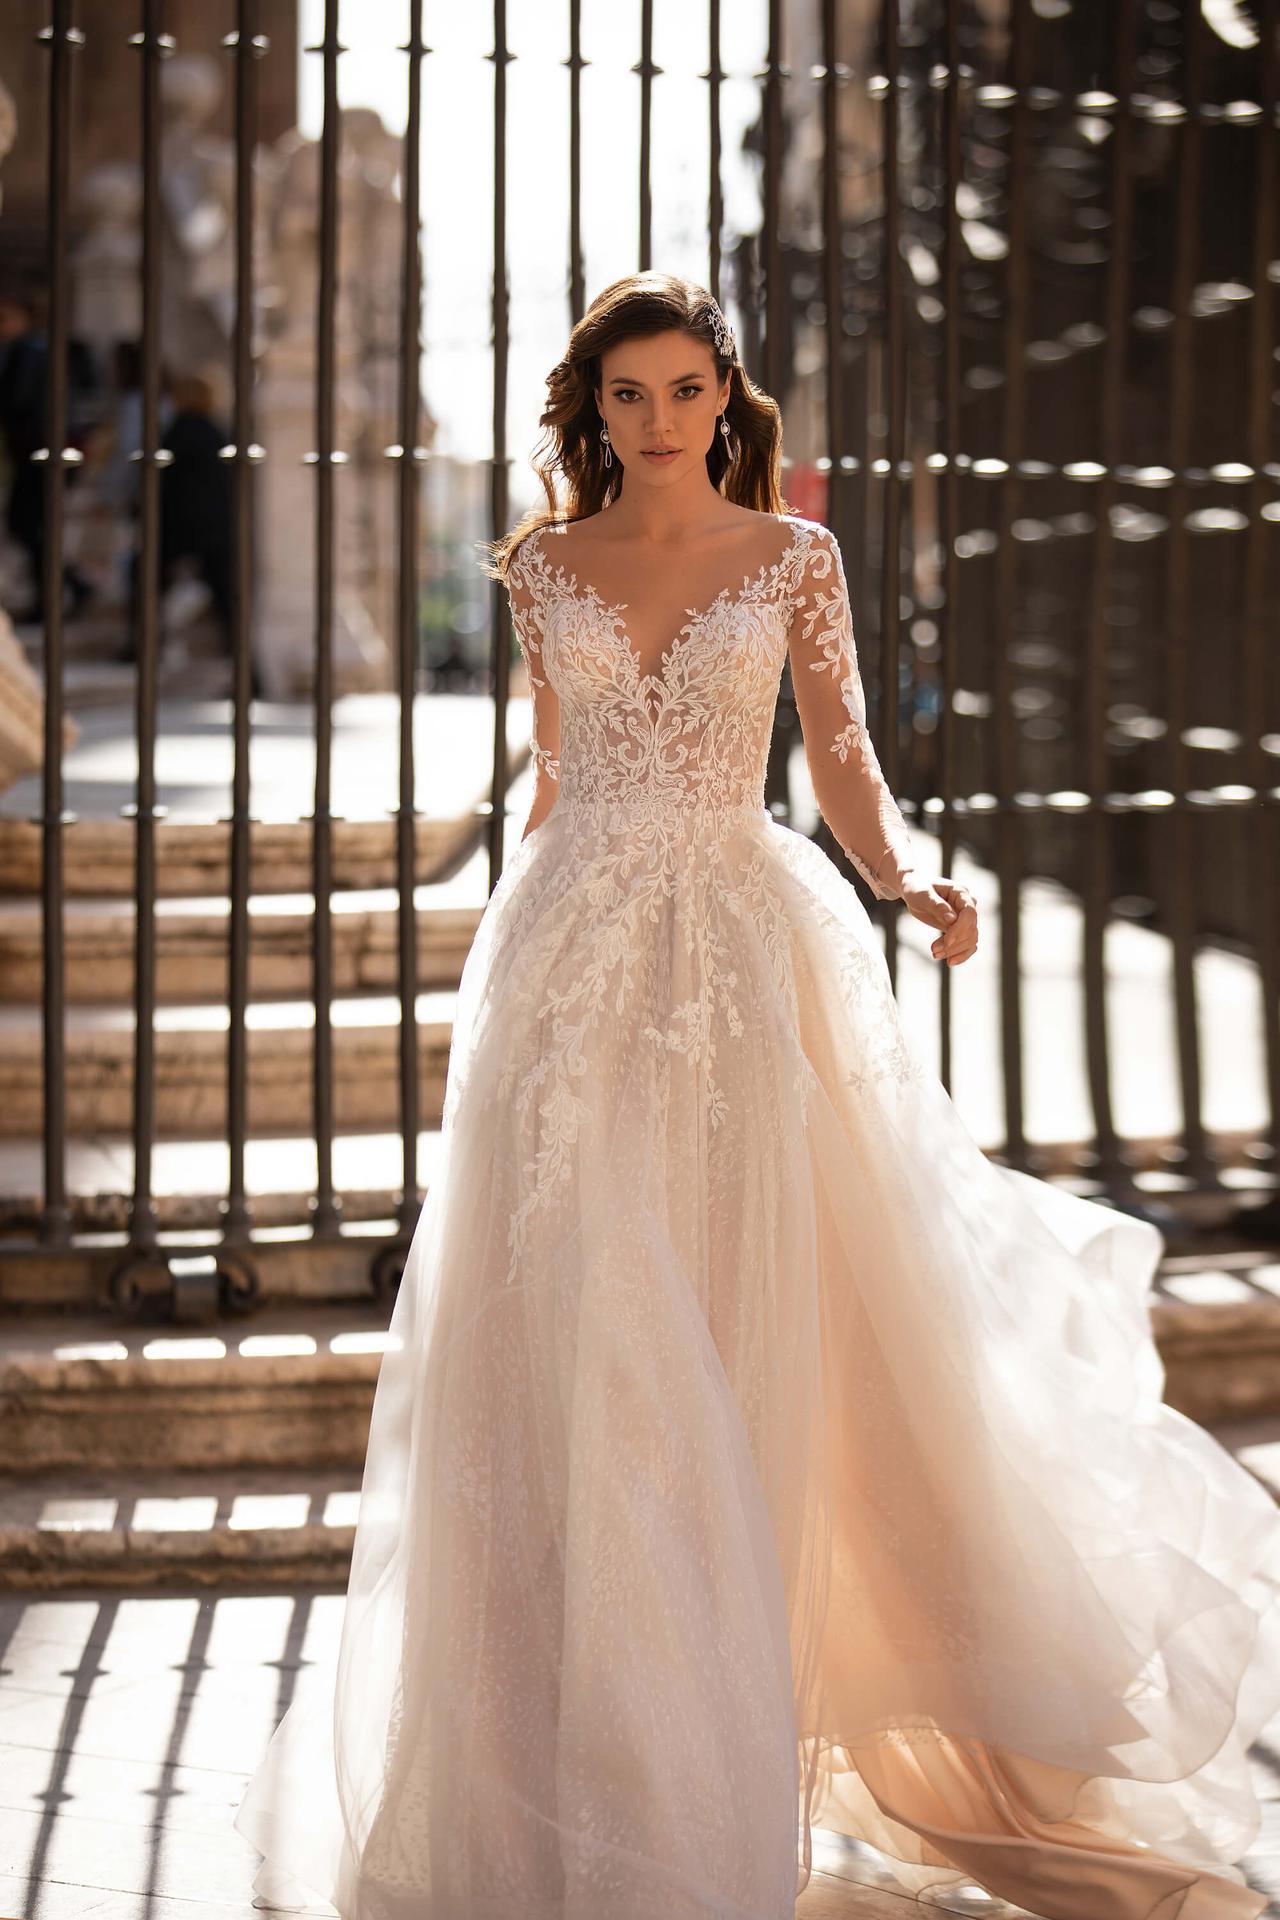 Svatební šaty k prodeji, nebo k zapůjčení - Obrázek č. 1